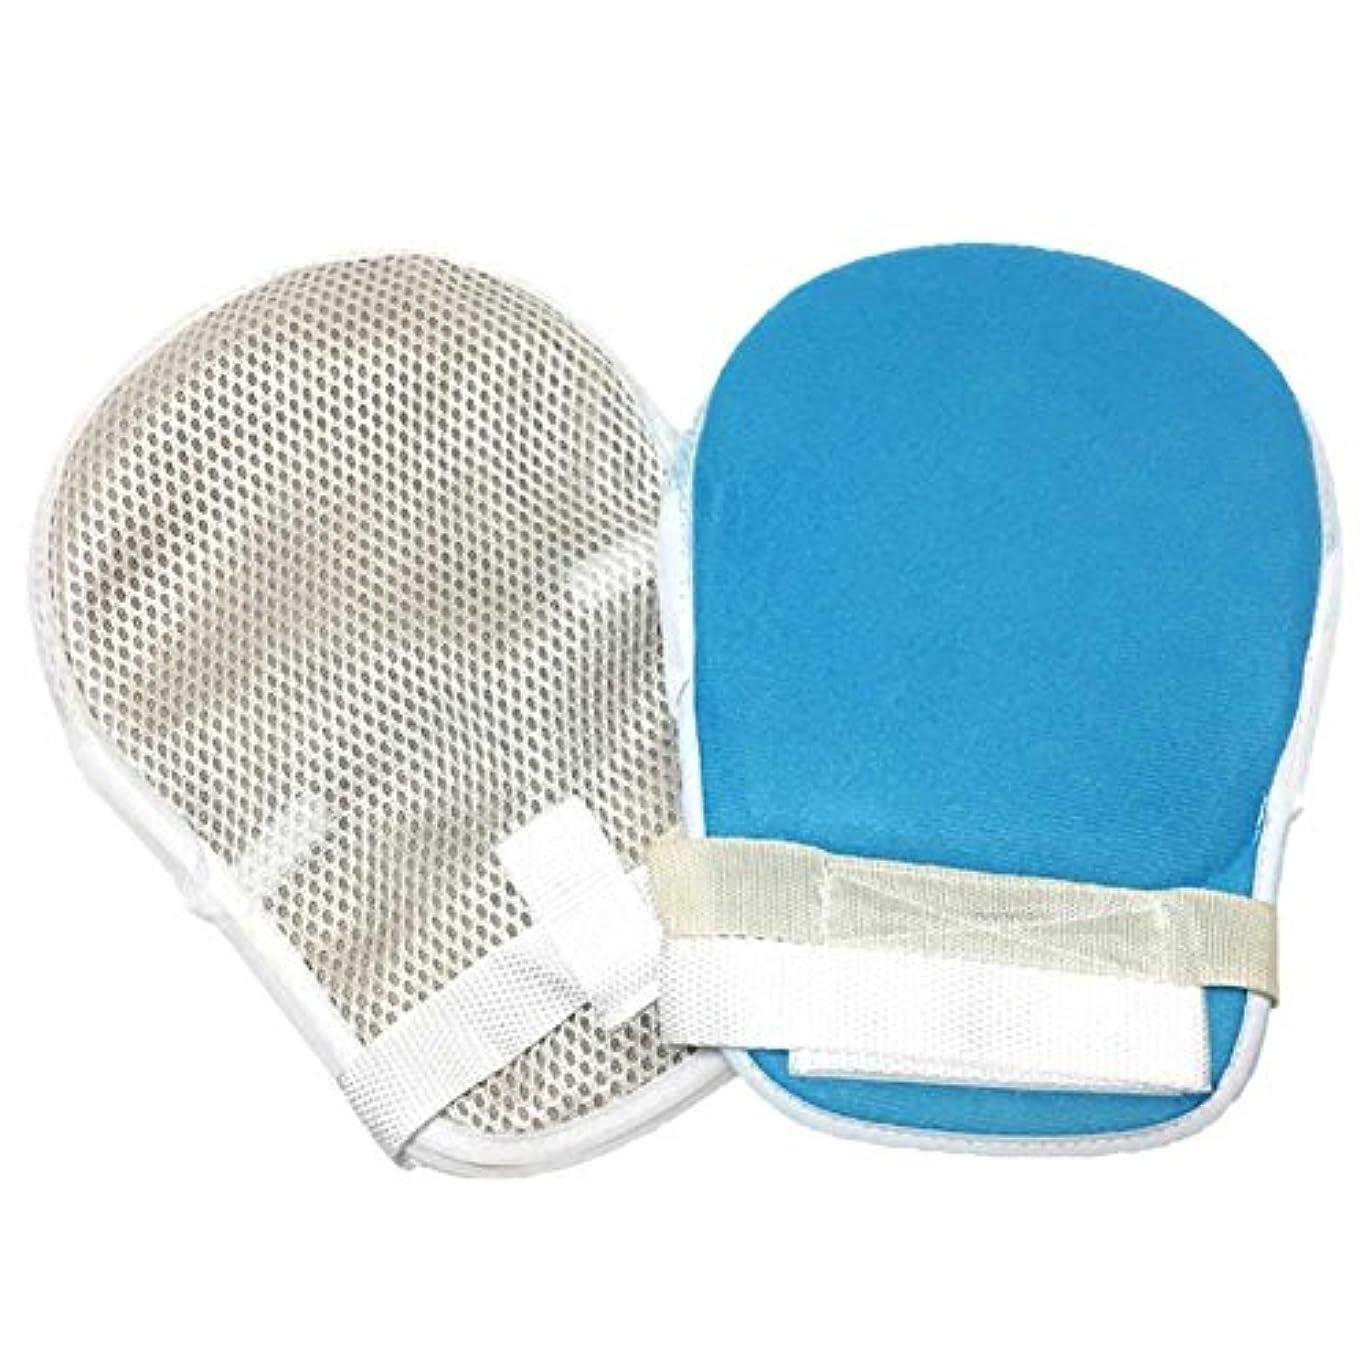 バターペネロペ巧みなGoshang 介護ミトン 手袋 左右兼用 自傷 ひっかき 防止 メッシュ 通気性抜群 介護手袋 1枚